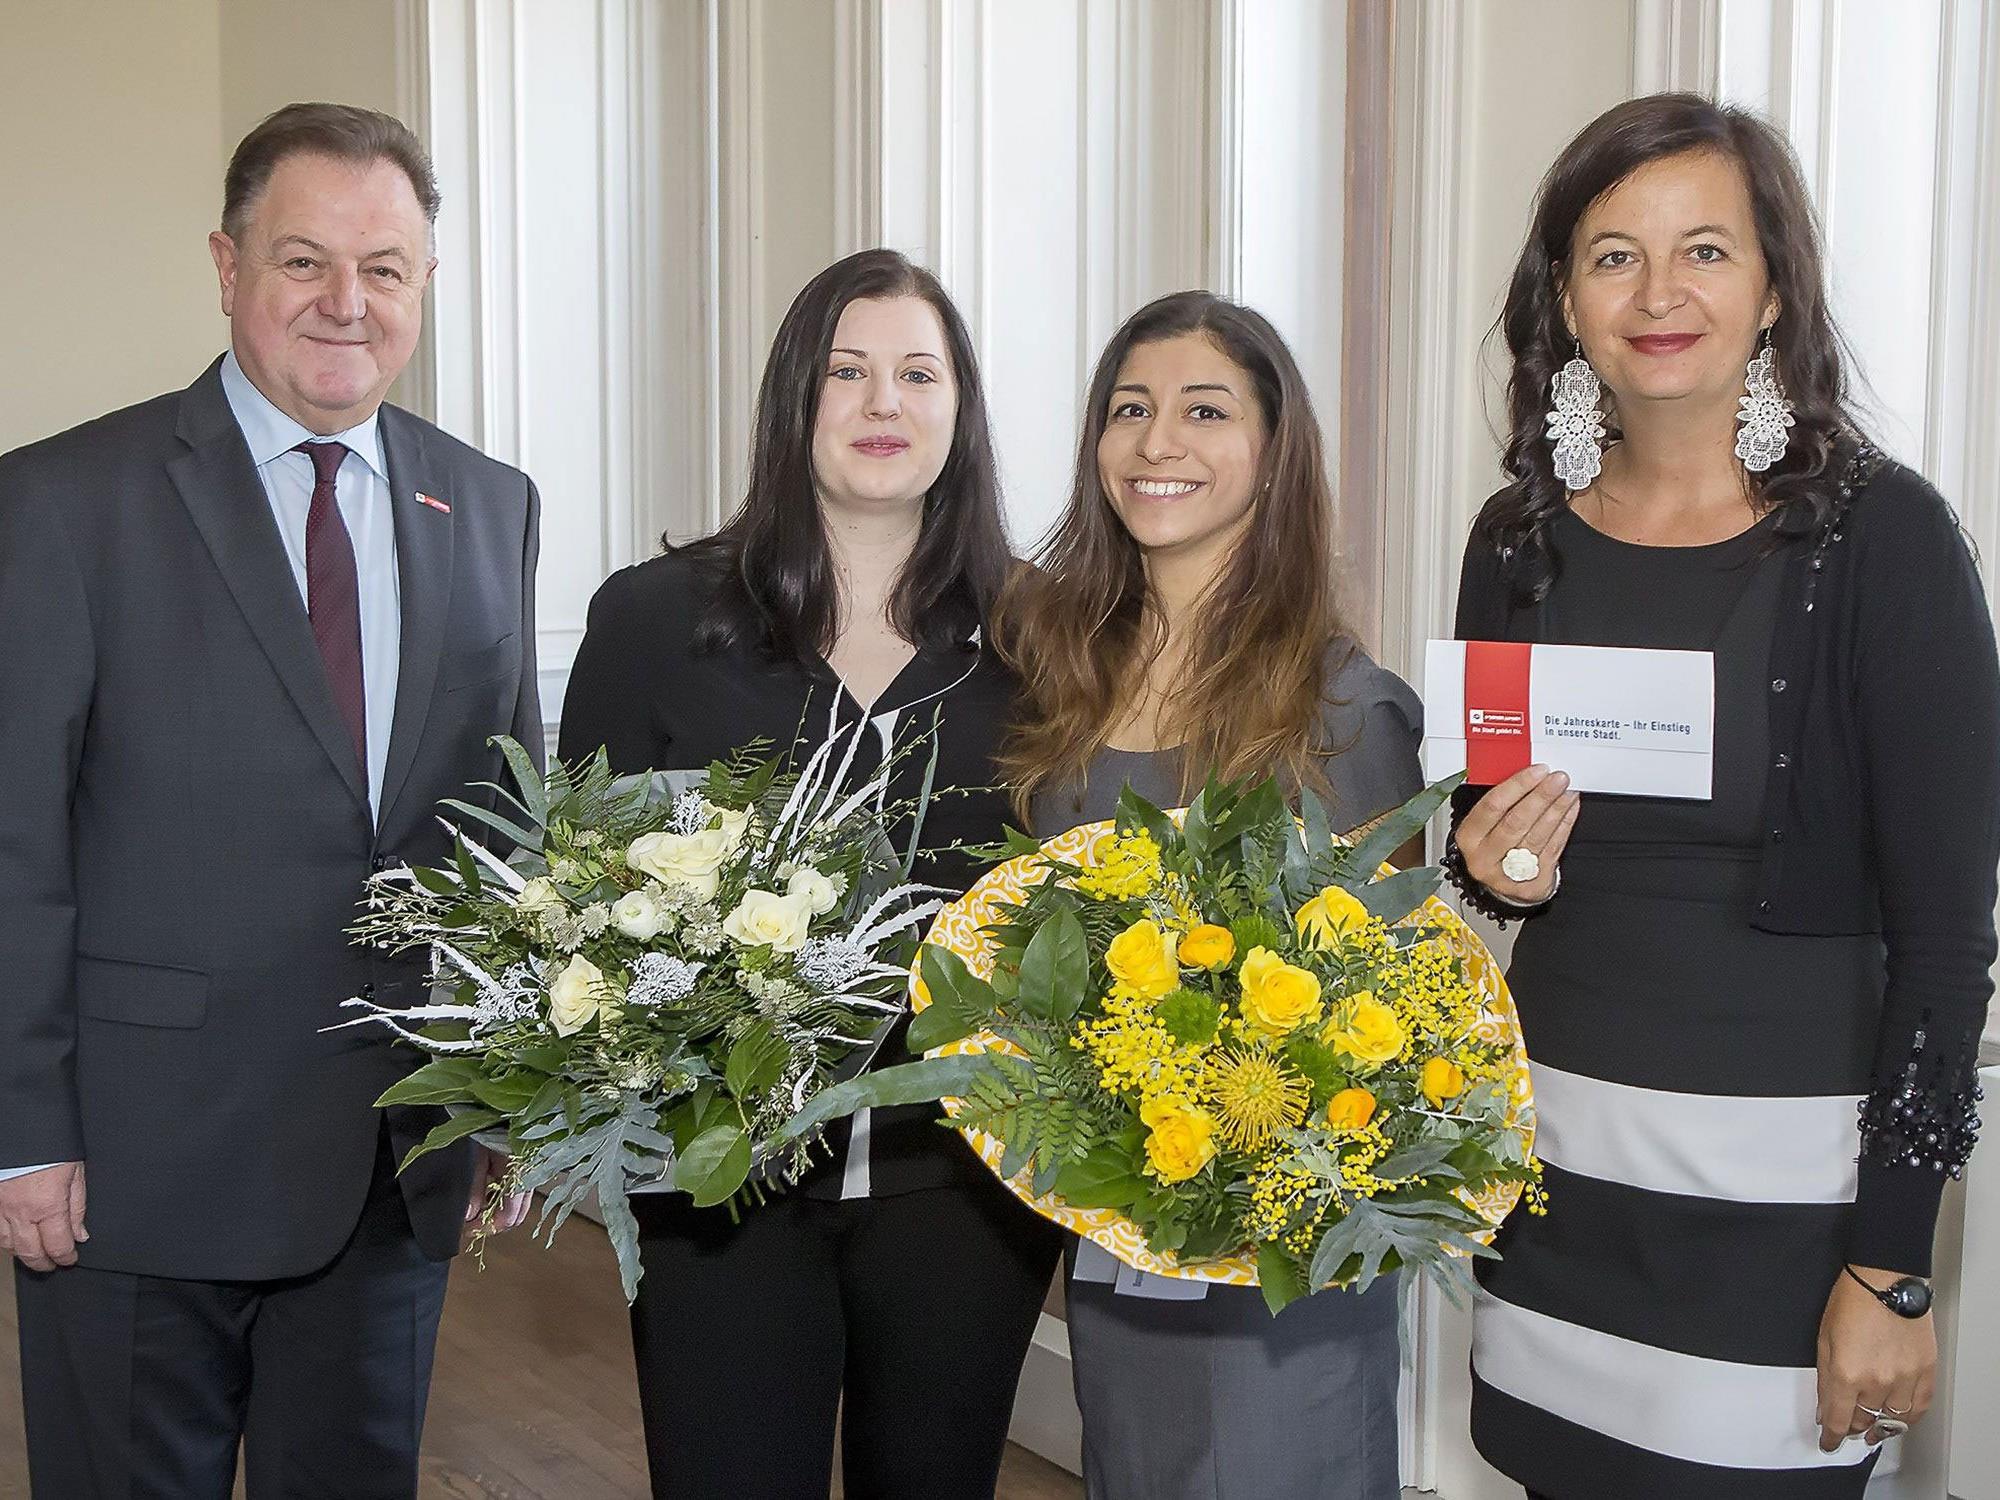 Öffi-Stadträtin Ulli Sima und Wiener-Linien-Geschäftsführer Eduard Winter bedankten sich bei den Lebensretterinnen